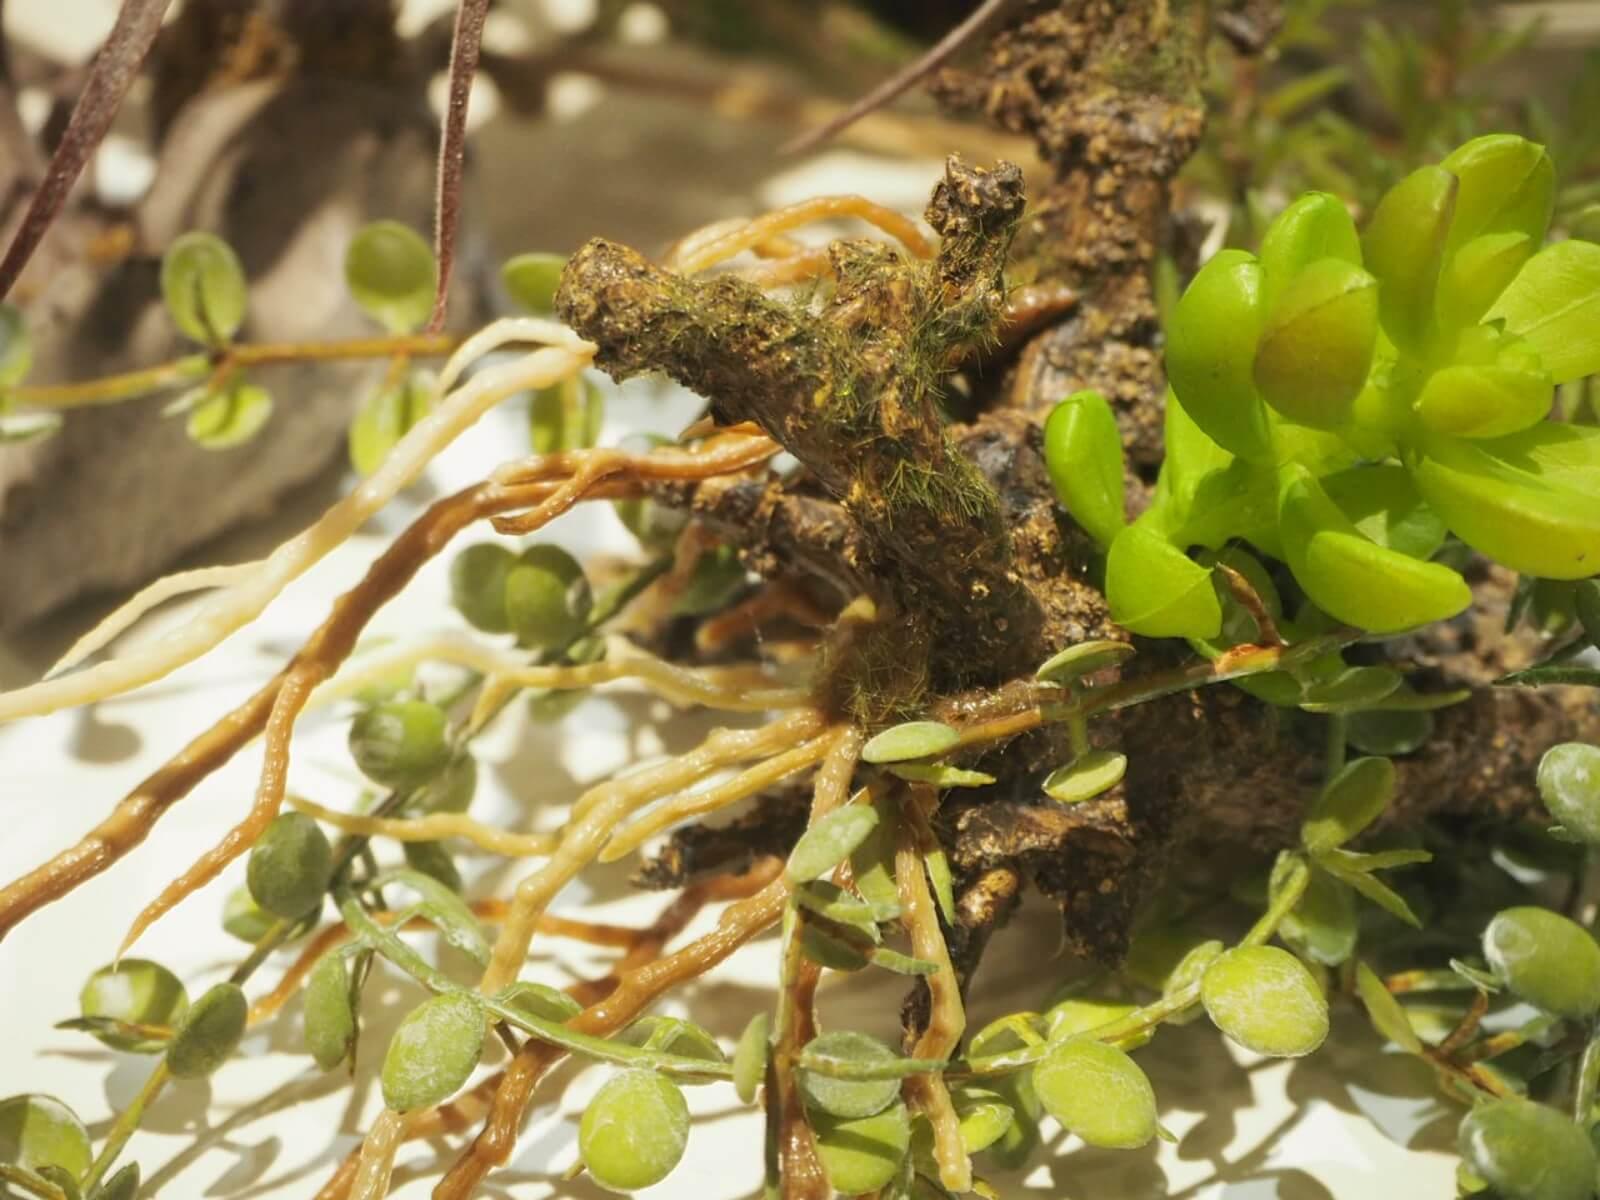 本物では育成の難しい着生植物。葉だけでなく、根まで丁寧に再現されています。